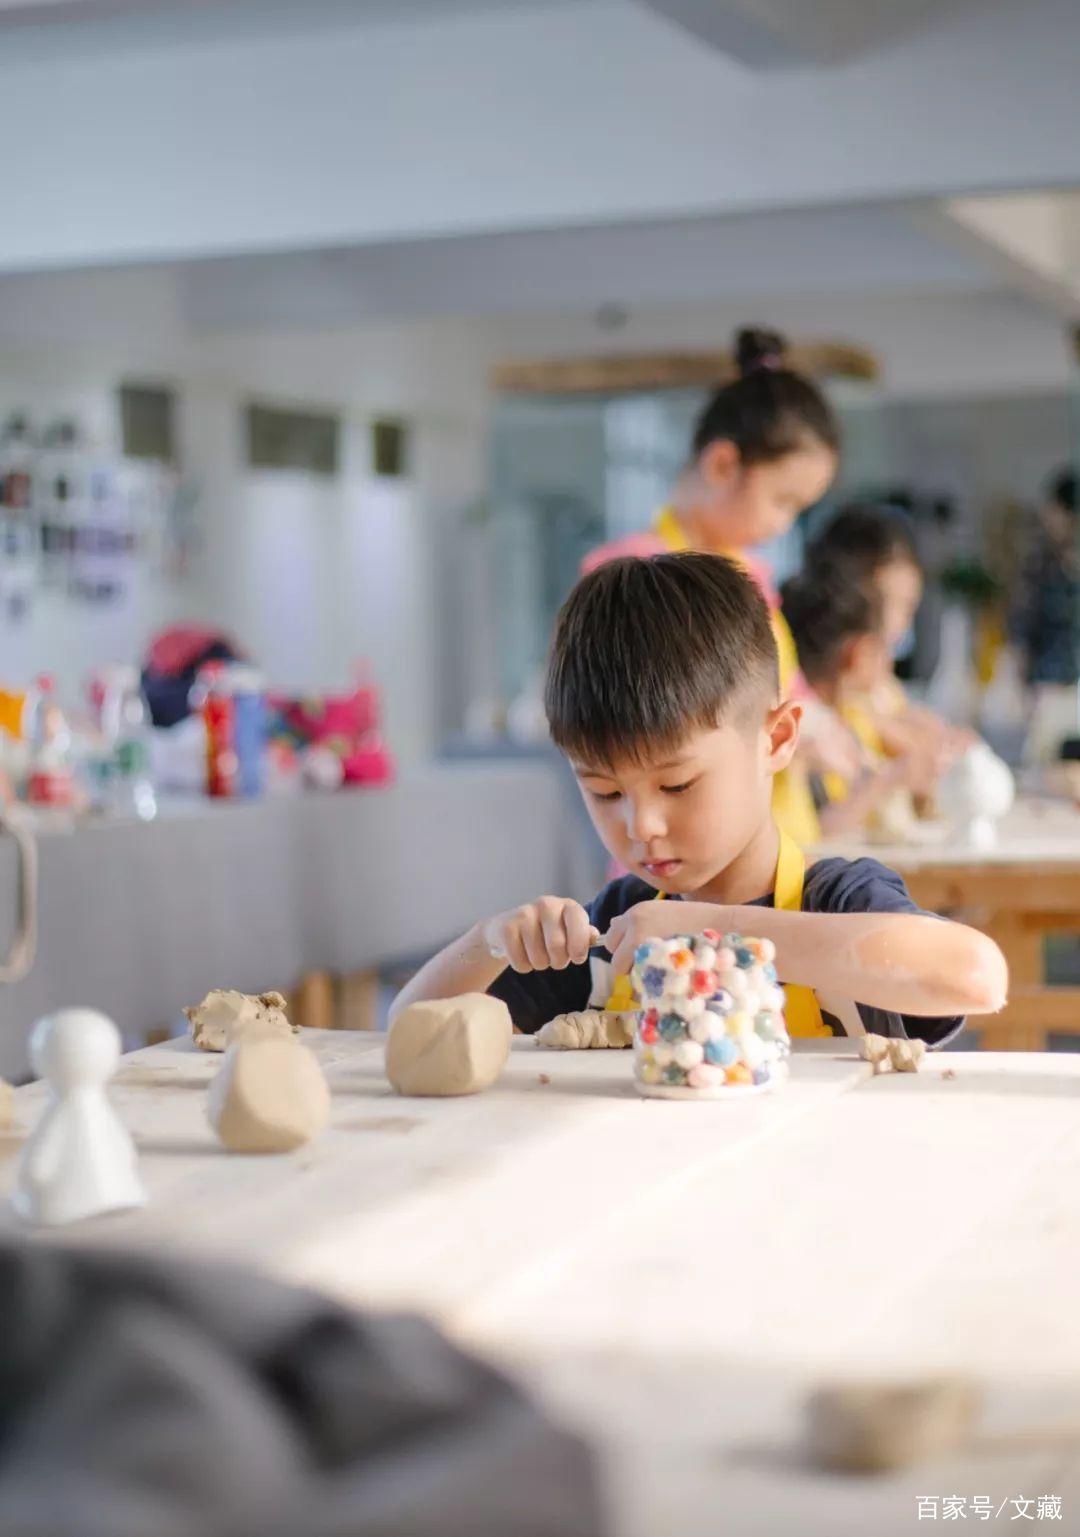 对话丁丁:景德镇,用陶瓷美育打动人心